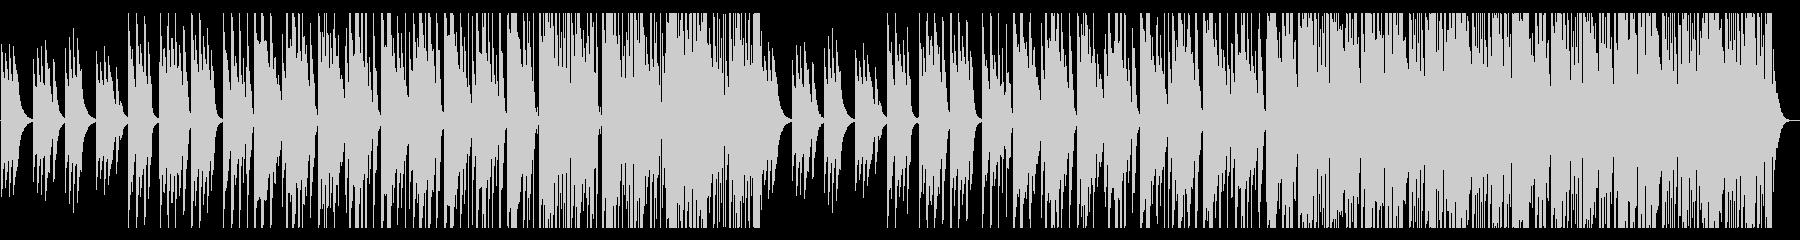 民族的/探検_No429の未再生の波形